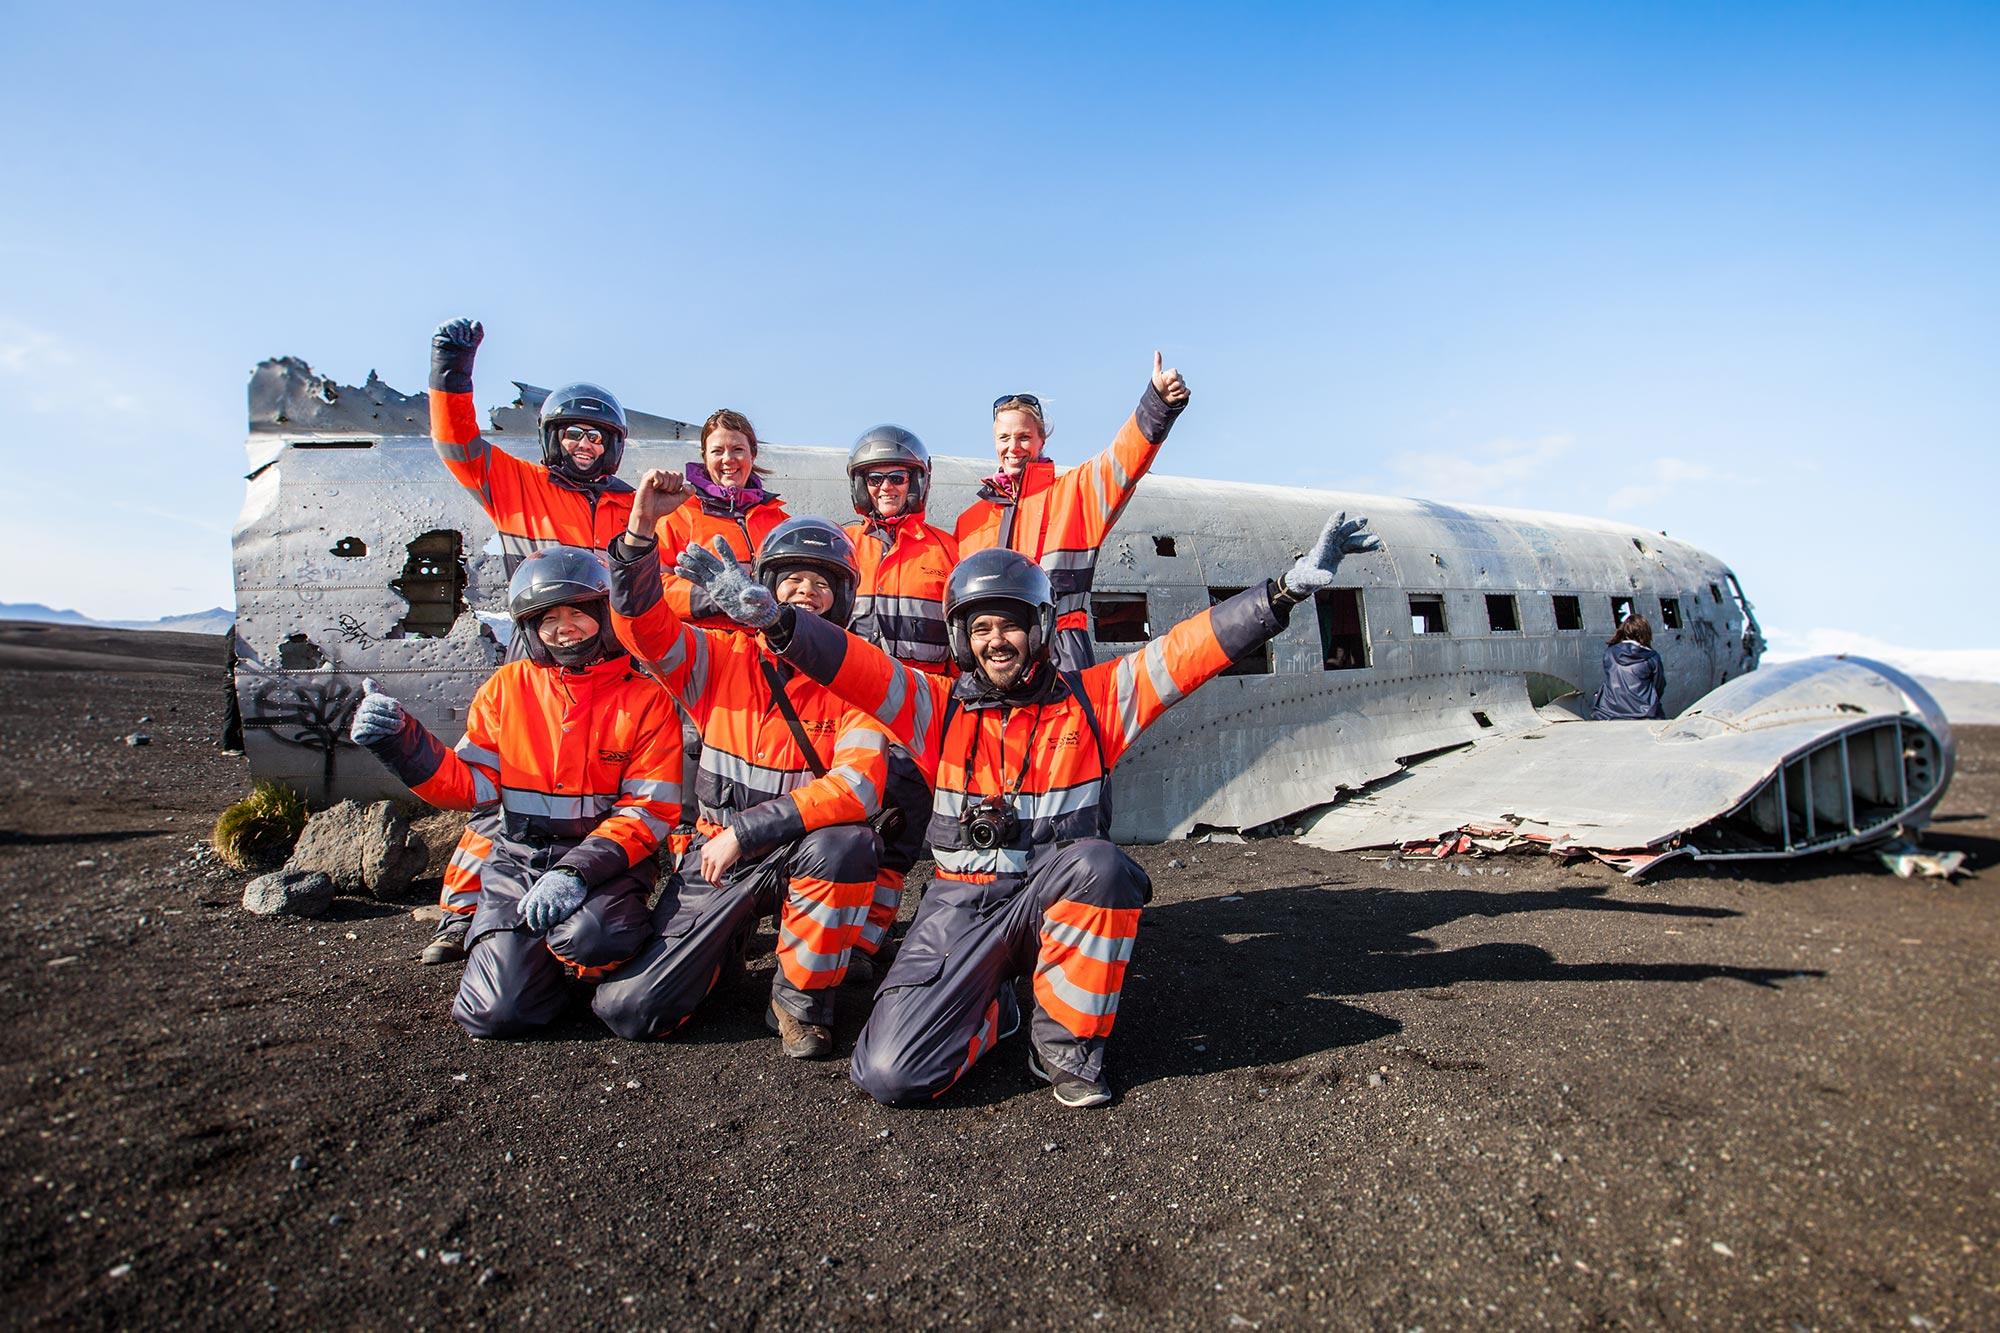 Visita el accidente del avión DC-3 en la Costa Sur de Islandia en este emocionante tour.